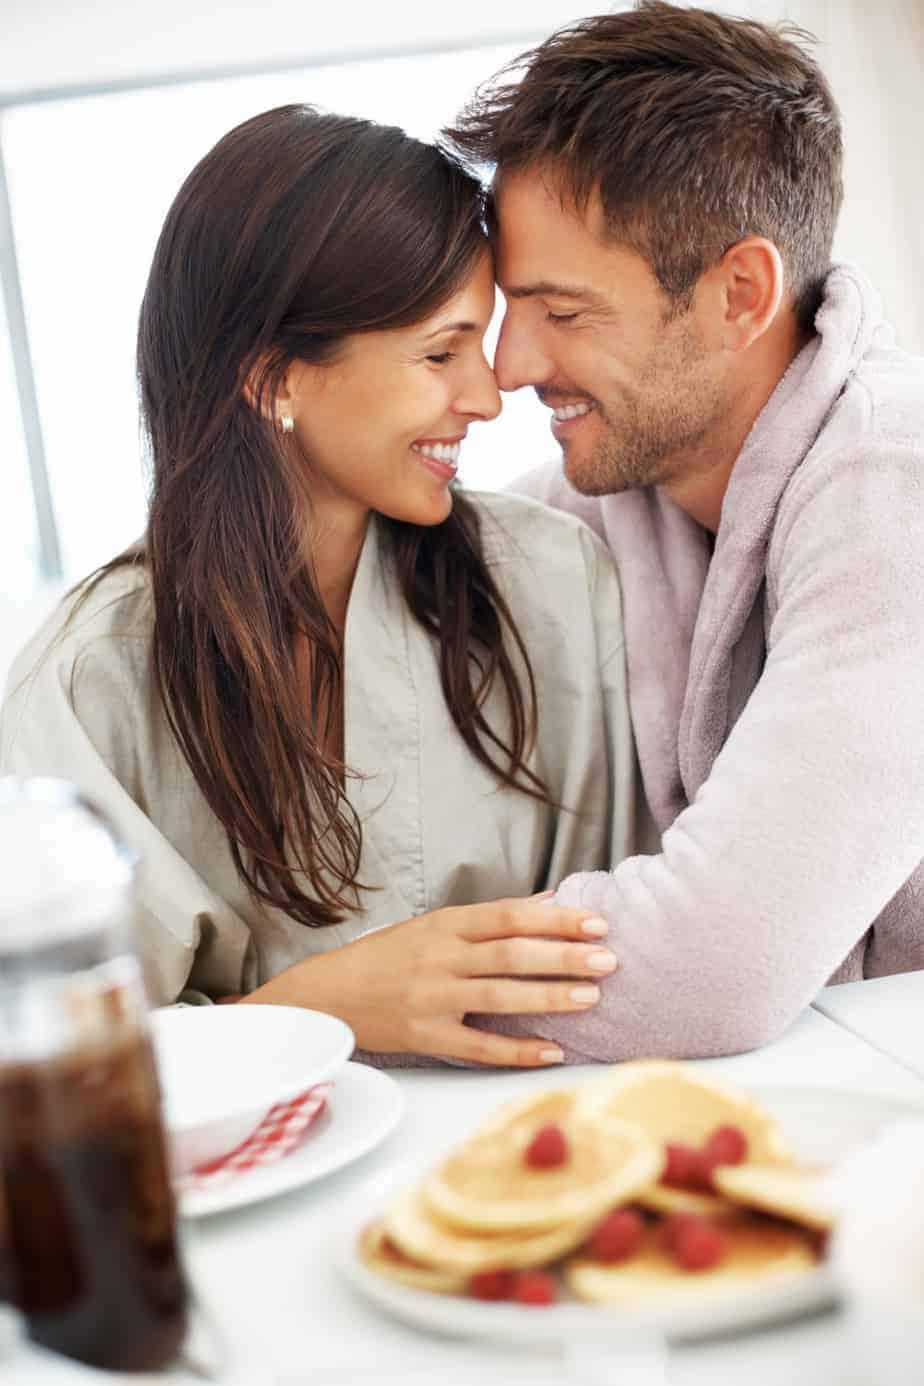 العلاقة الحميمة والمدة المثالية التي يجب ان تفصلها عن الوجبات